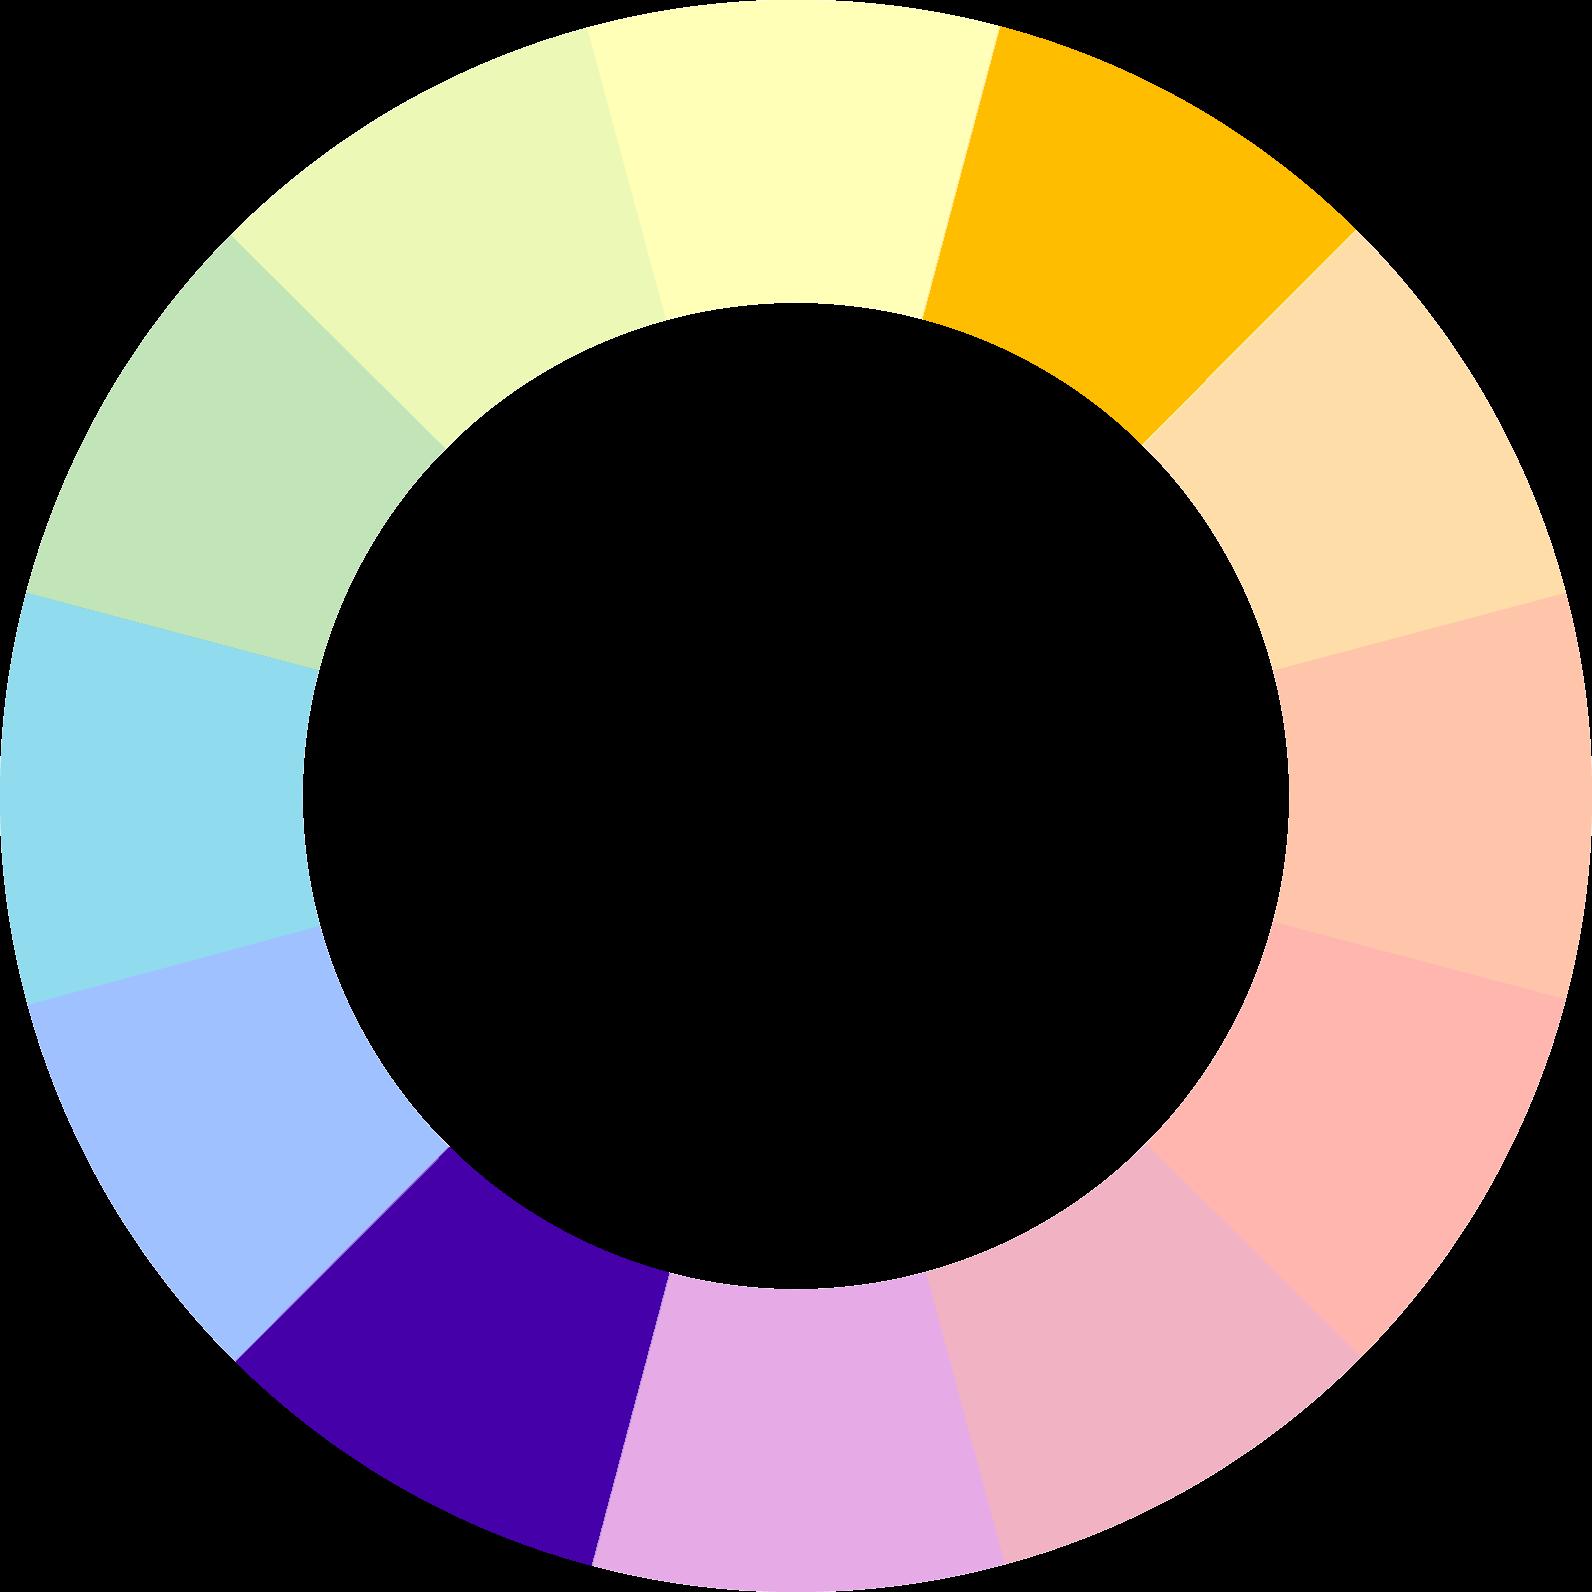 Améliorer les couleurs de vos images grâce au color grading